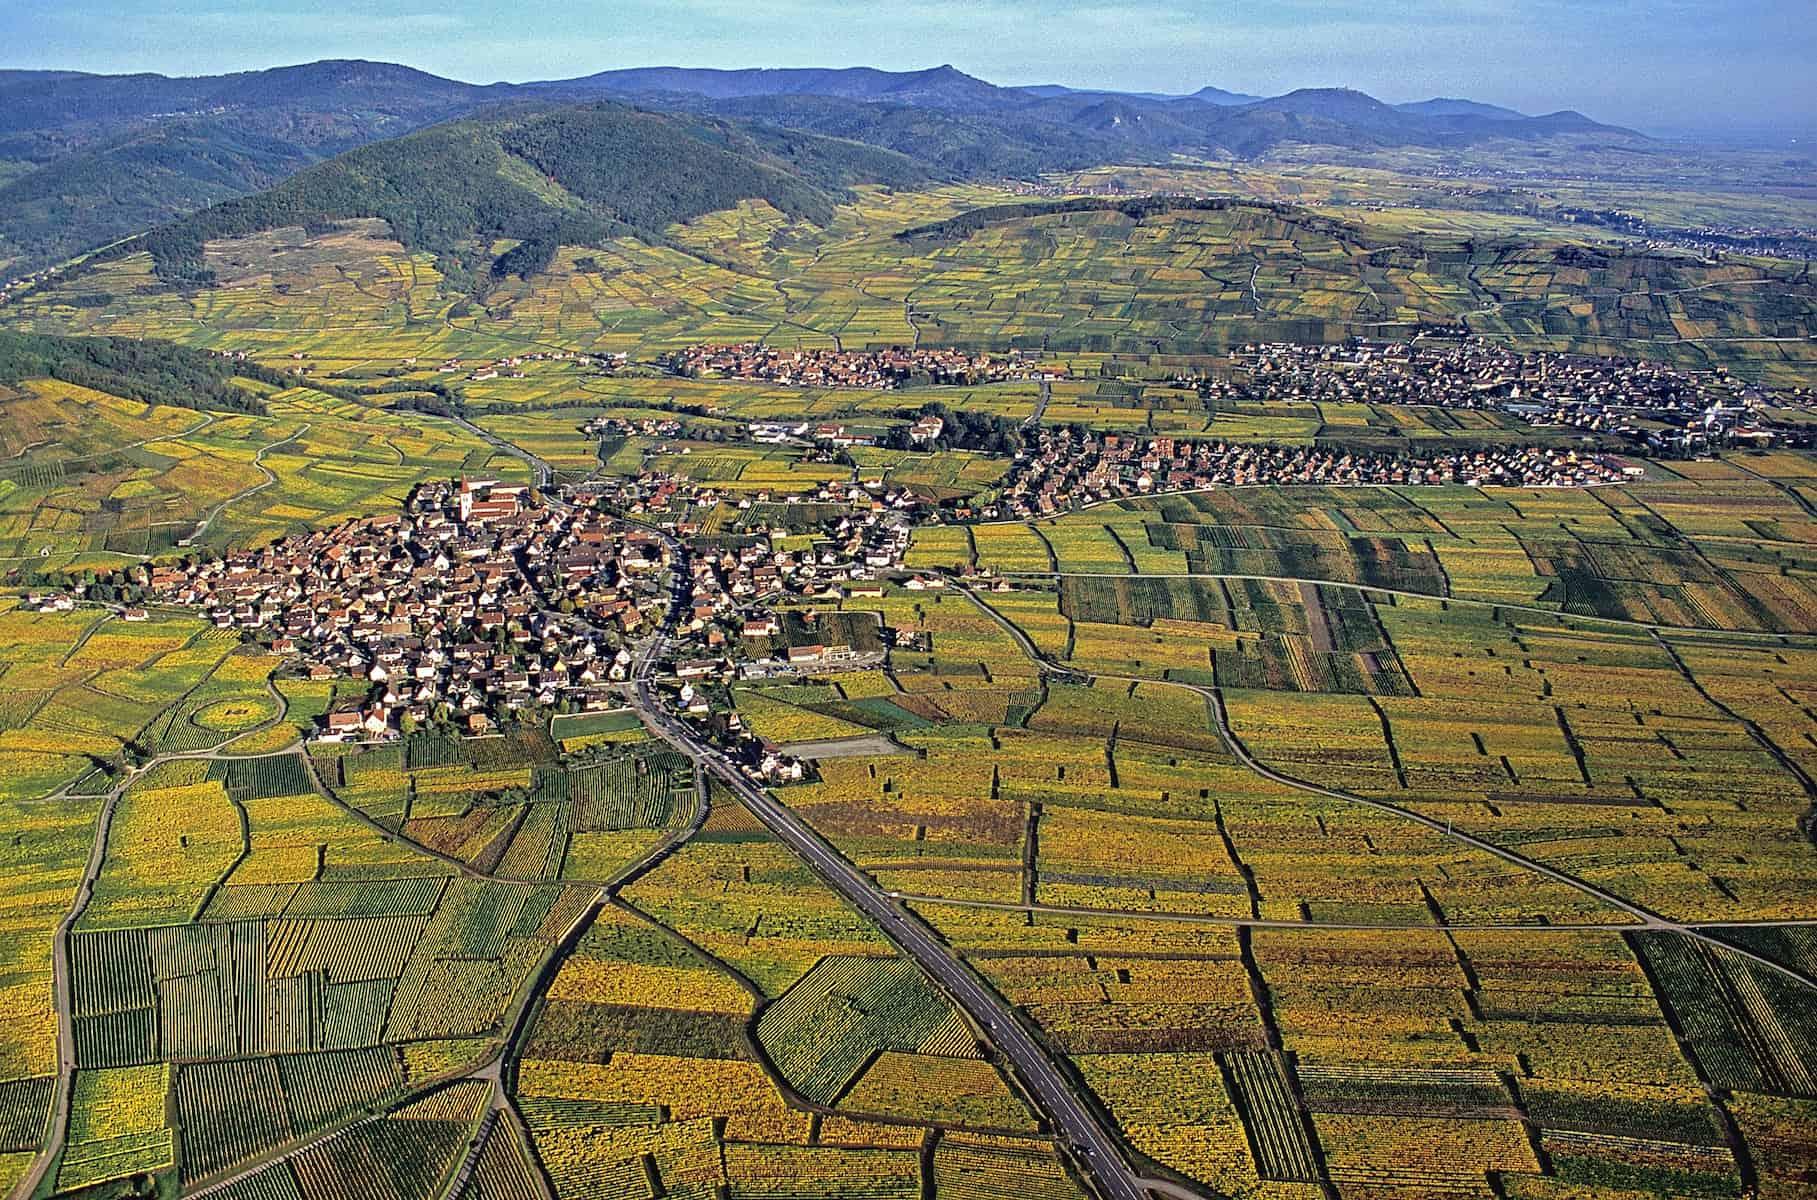 Vue aérienne du vignoble d'Alsace en été